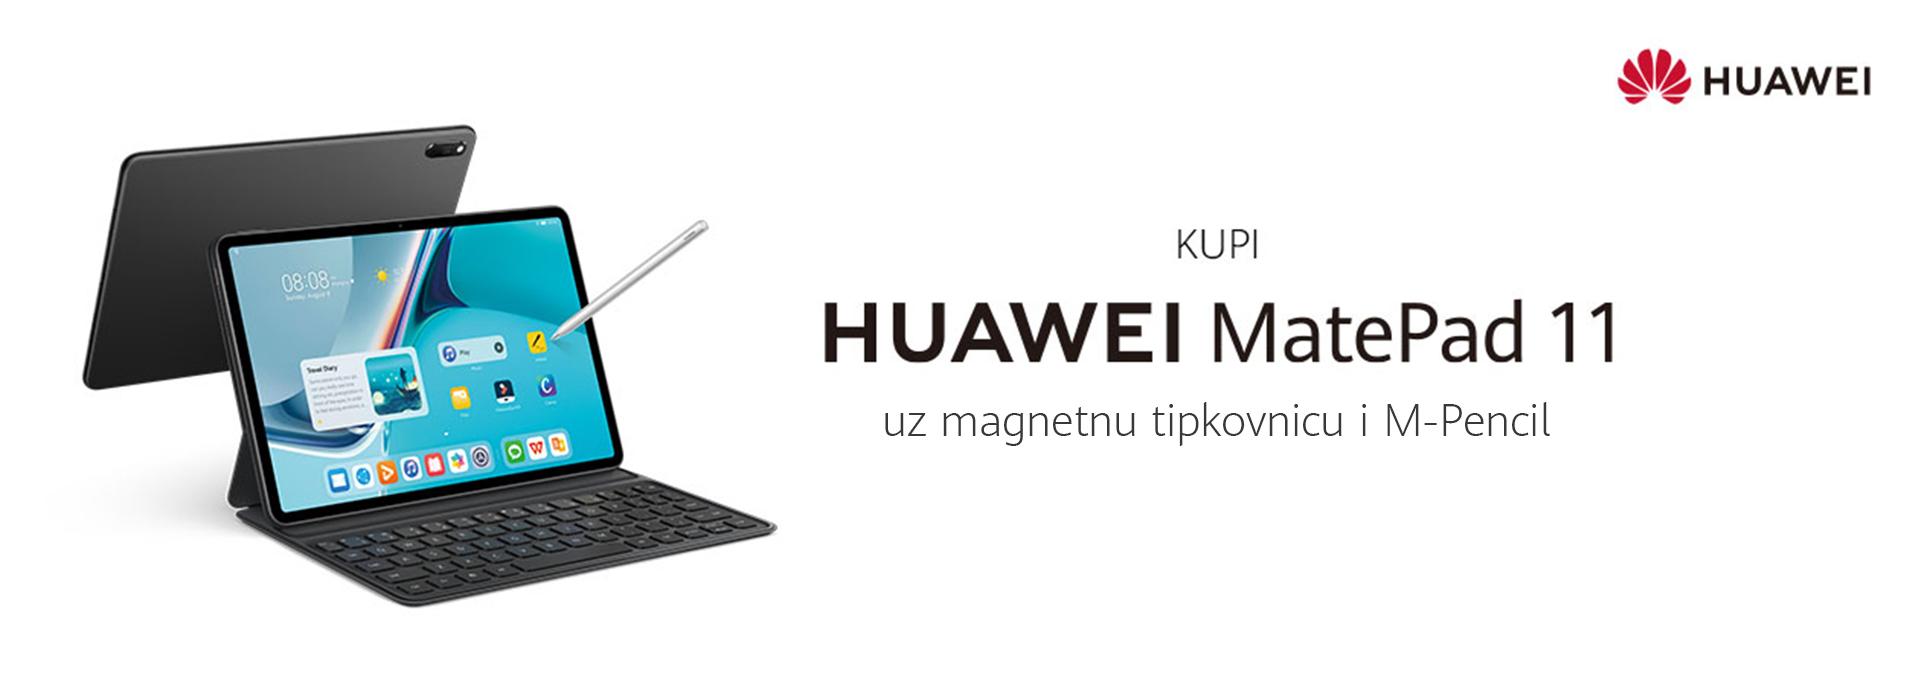 Huawei MatePad 11 – prvi tablet sa Harmony OS operativnim sustavom odsada u kombinaciji sa pametnom